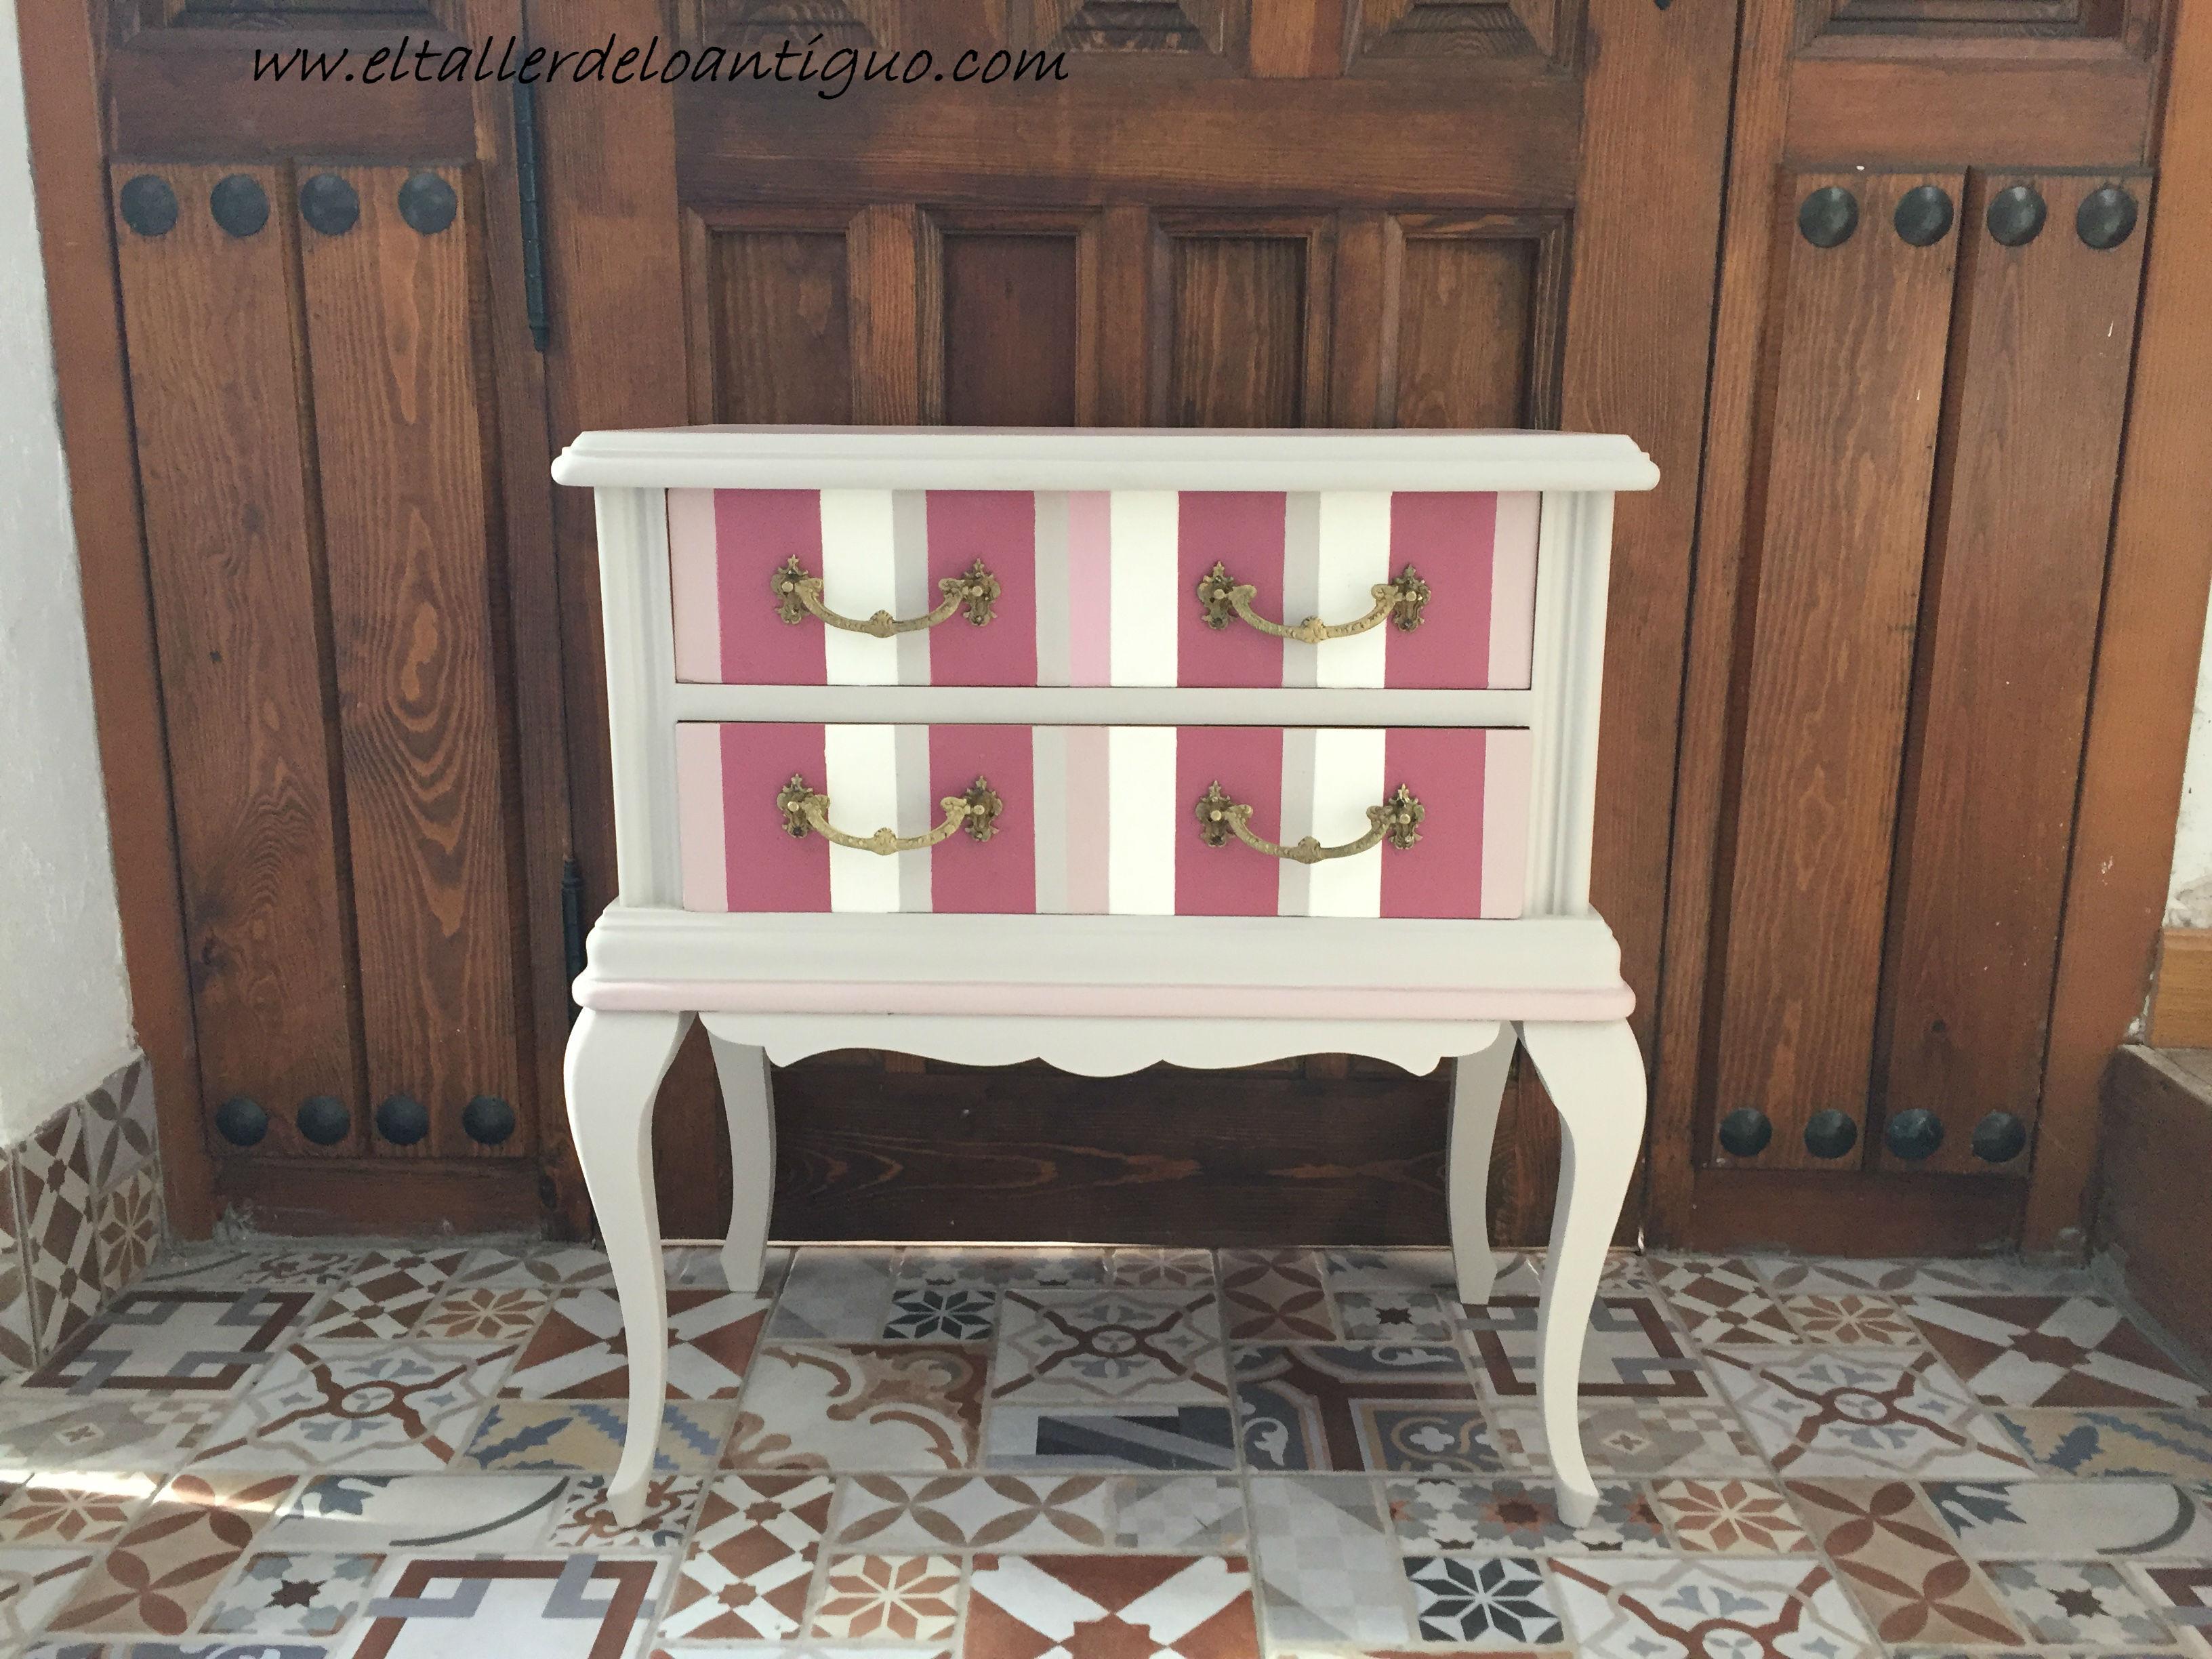 Pintar Una Coqueta Antigua El Taller De Lo Antiguo # Muebles Efecto Vintage